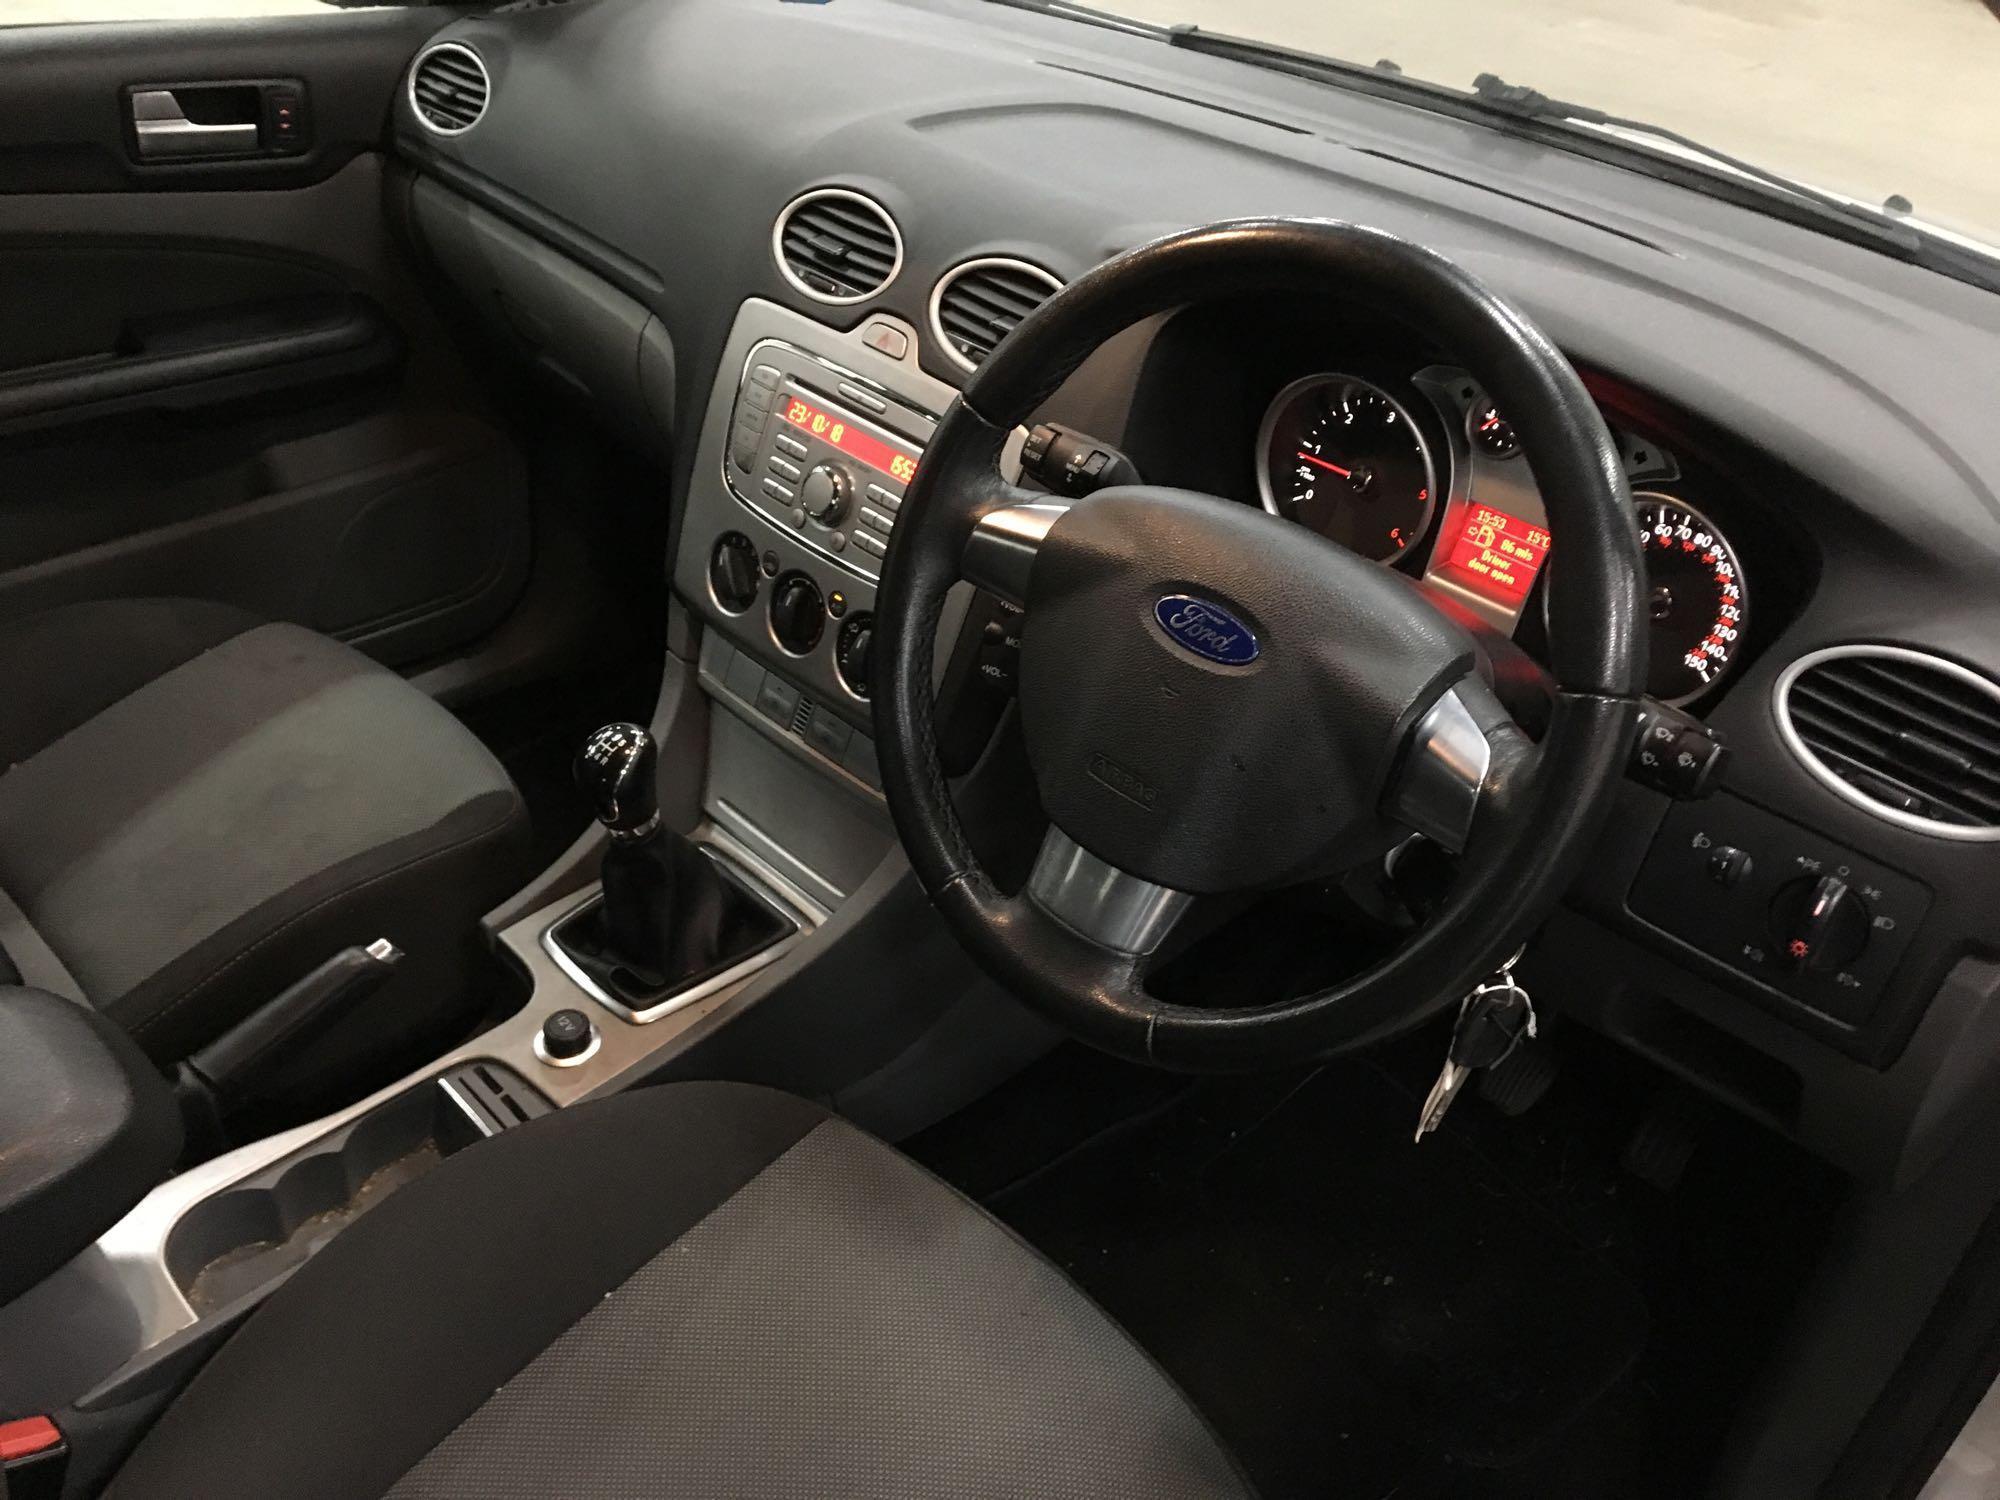 Lot 106 - Ford Focus Zetec Td 109 - 1560cc 5 Door